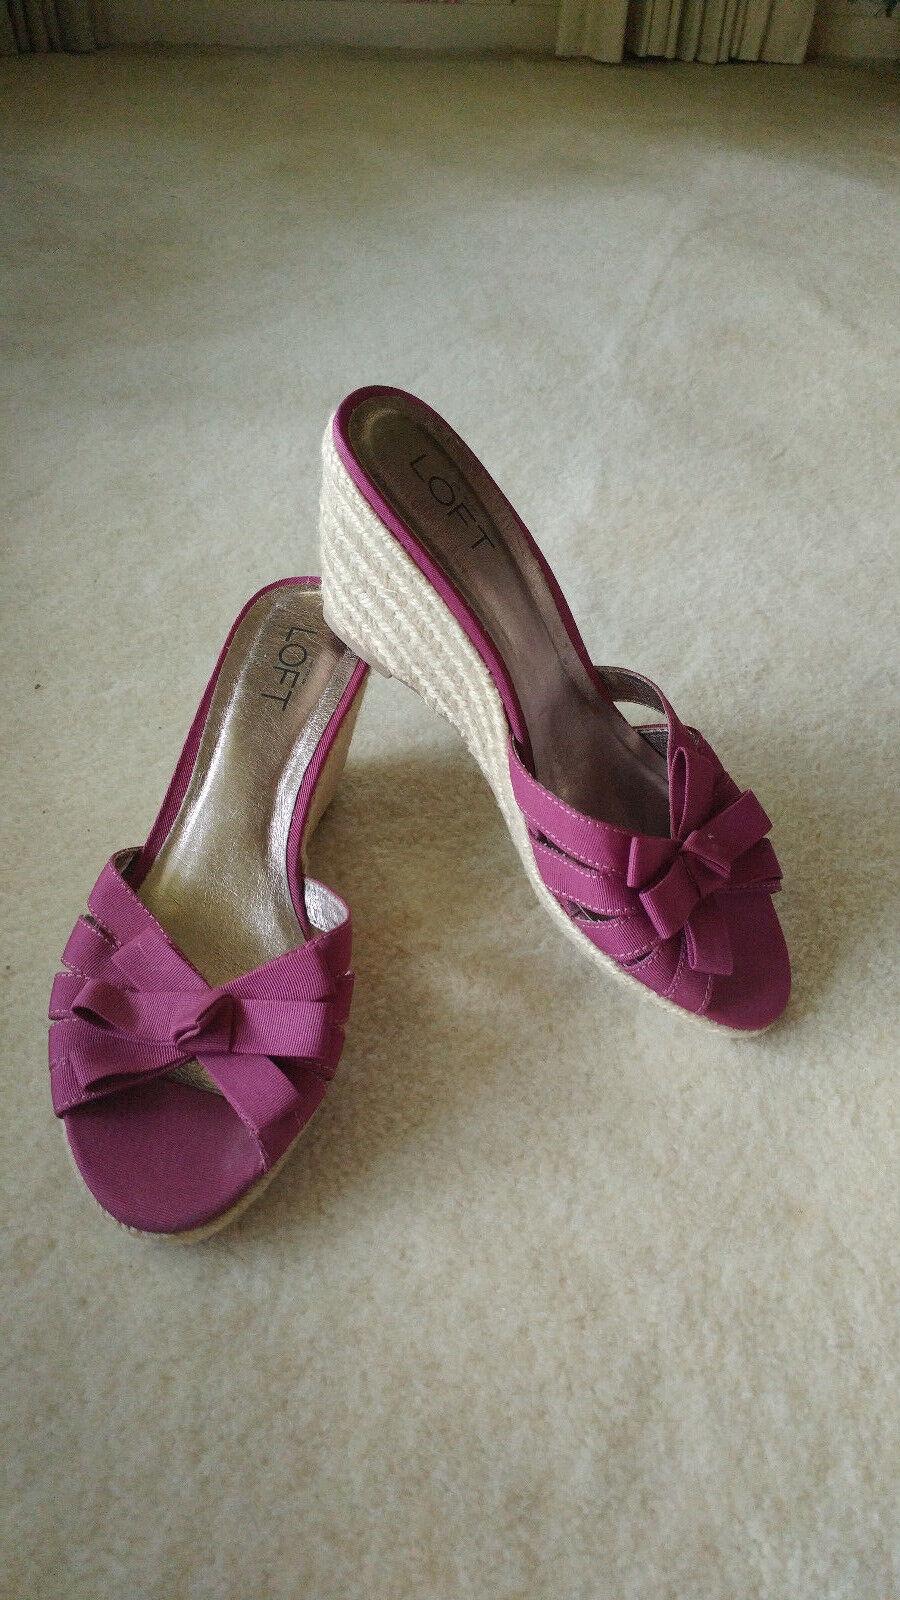 ANN TAYLOR LOFT  Size Sandals 8 M Purple Wedge Sandals Size Rope Heels 616c72